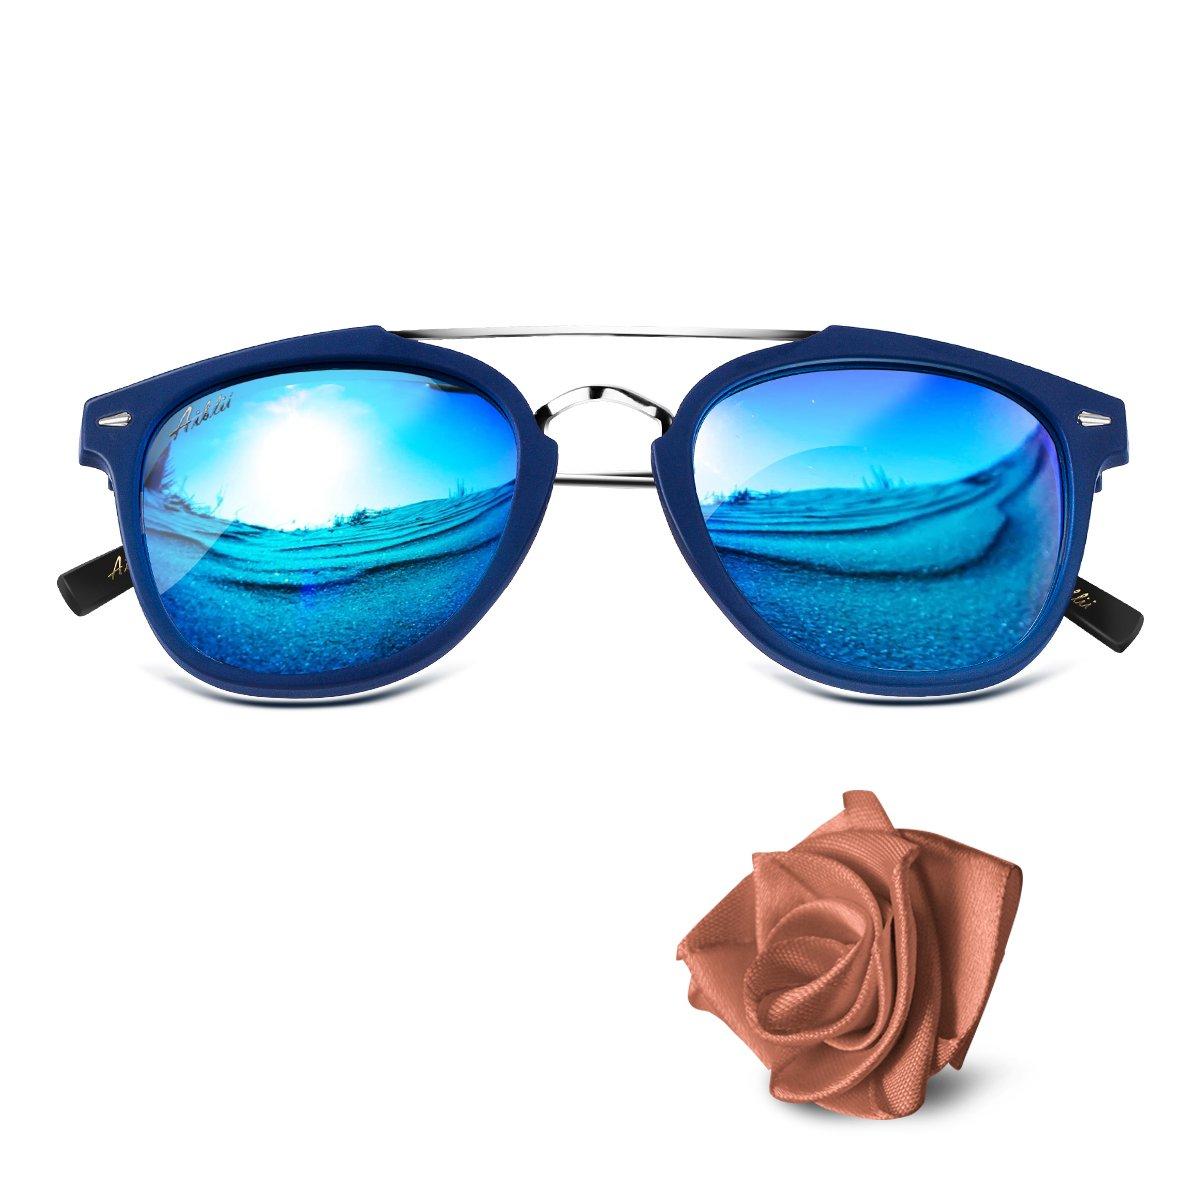 aiblii Unisex Mirror Lens UV400 Retro telaio Polarized Occhiali da sole - Vintage Round Metal Wayfarer Occhiali da sole per Uomini e Donne C6